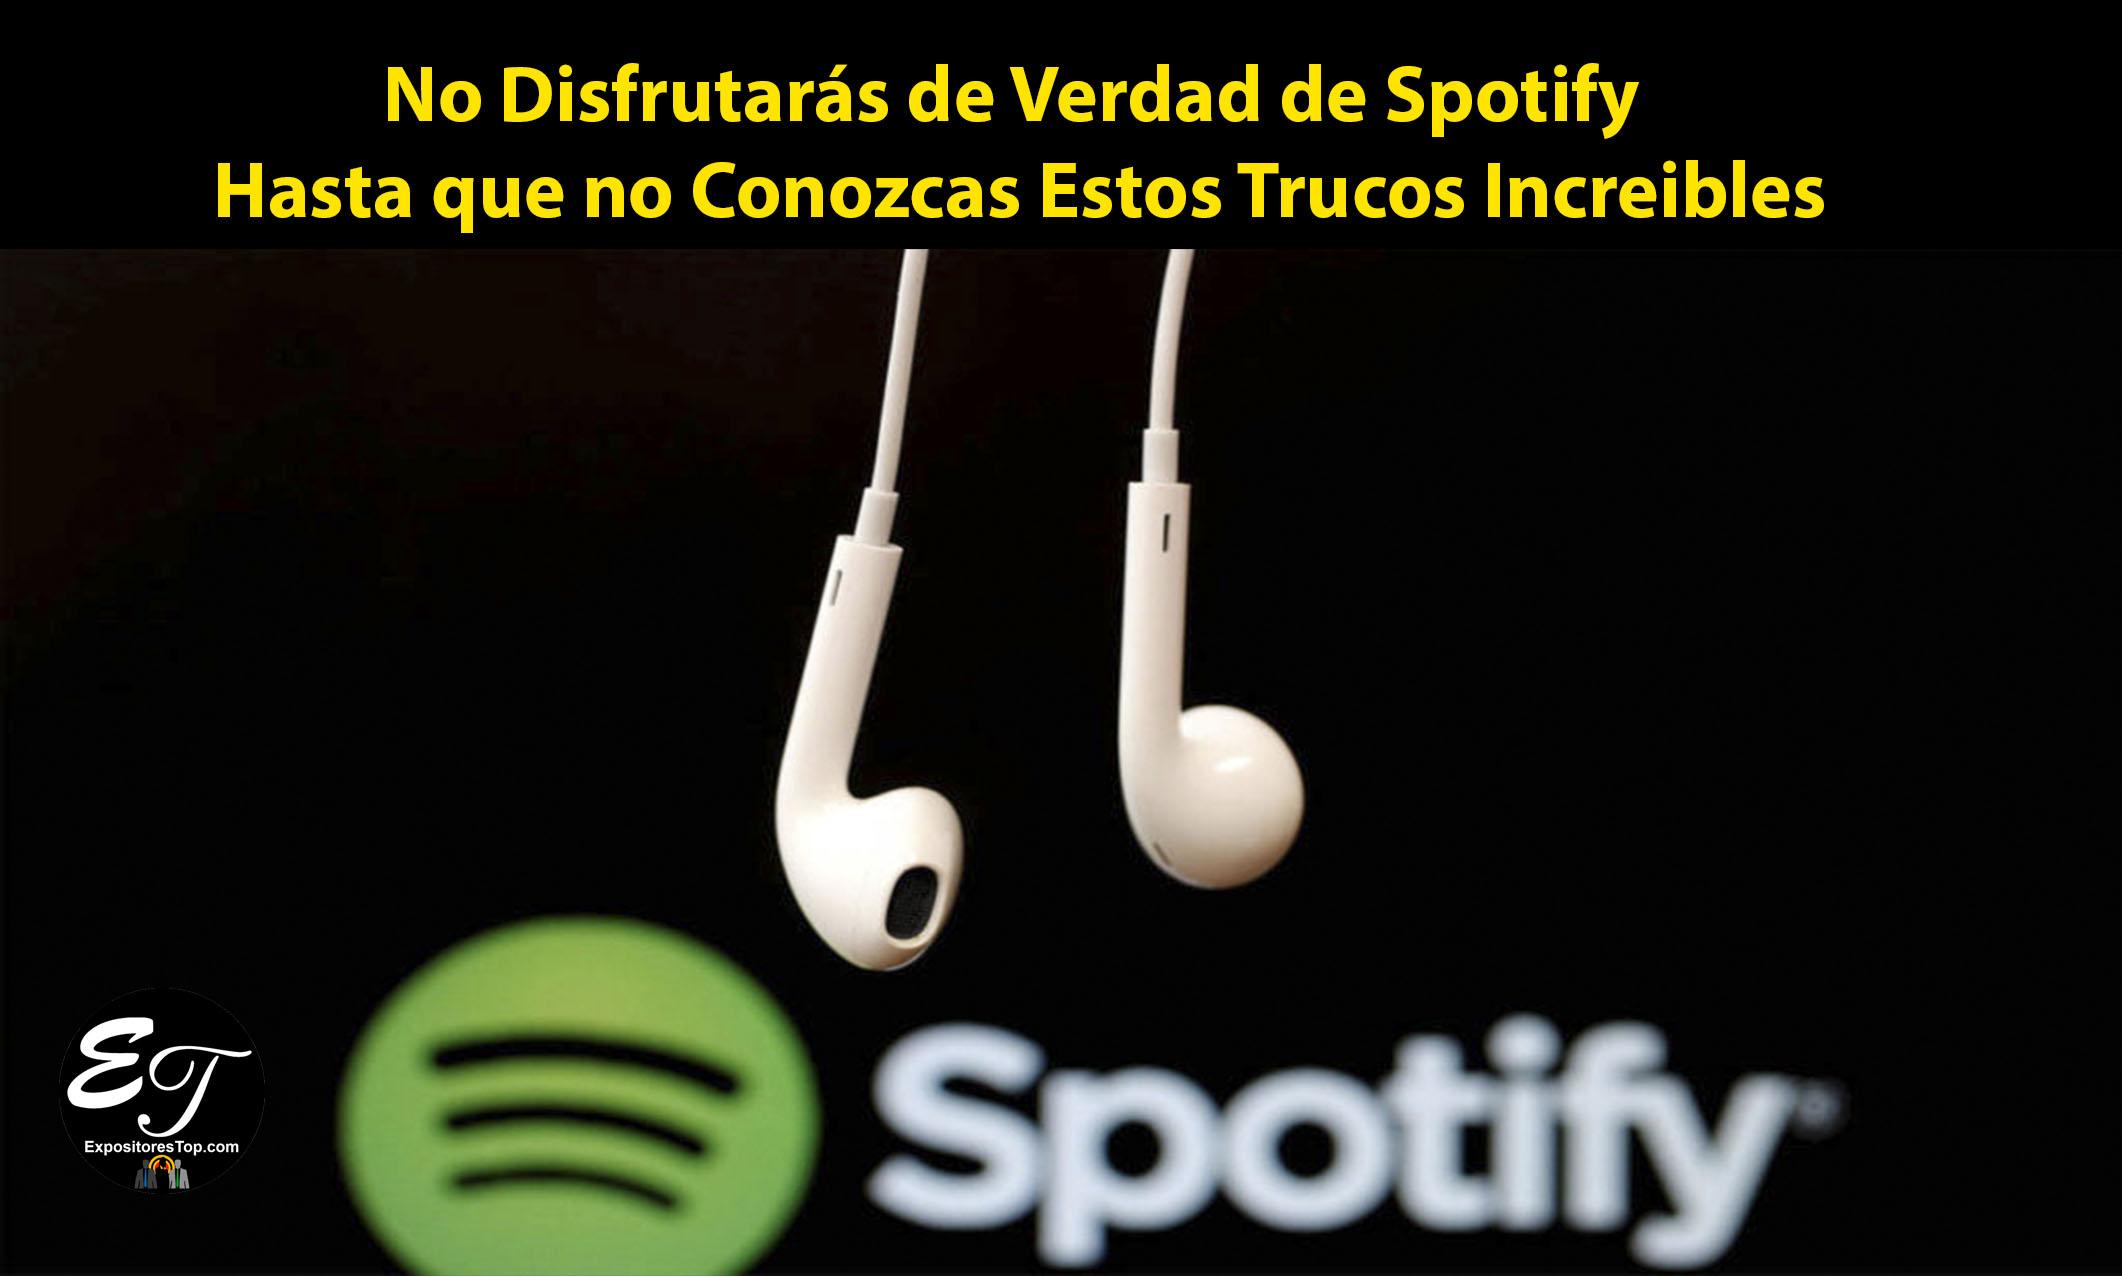 No Disfrutarás de Verdad de Spotify Hasta que no Conozcas Estos Trucos Increibles